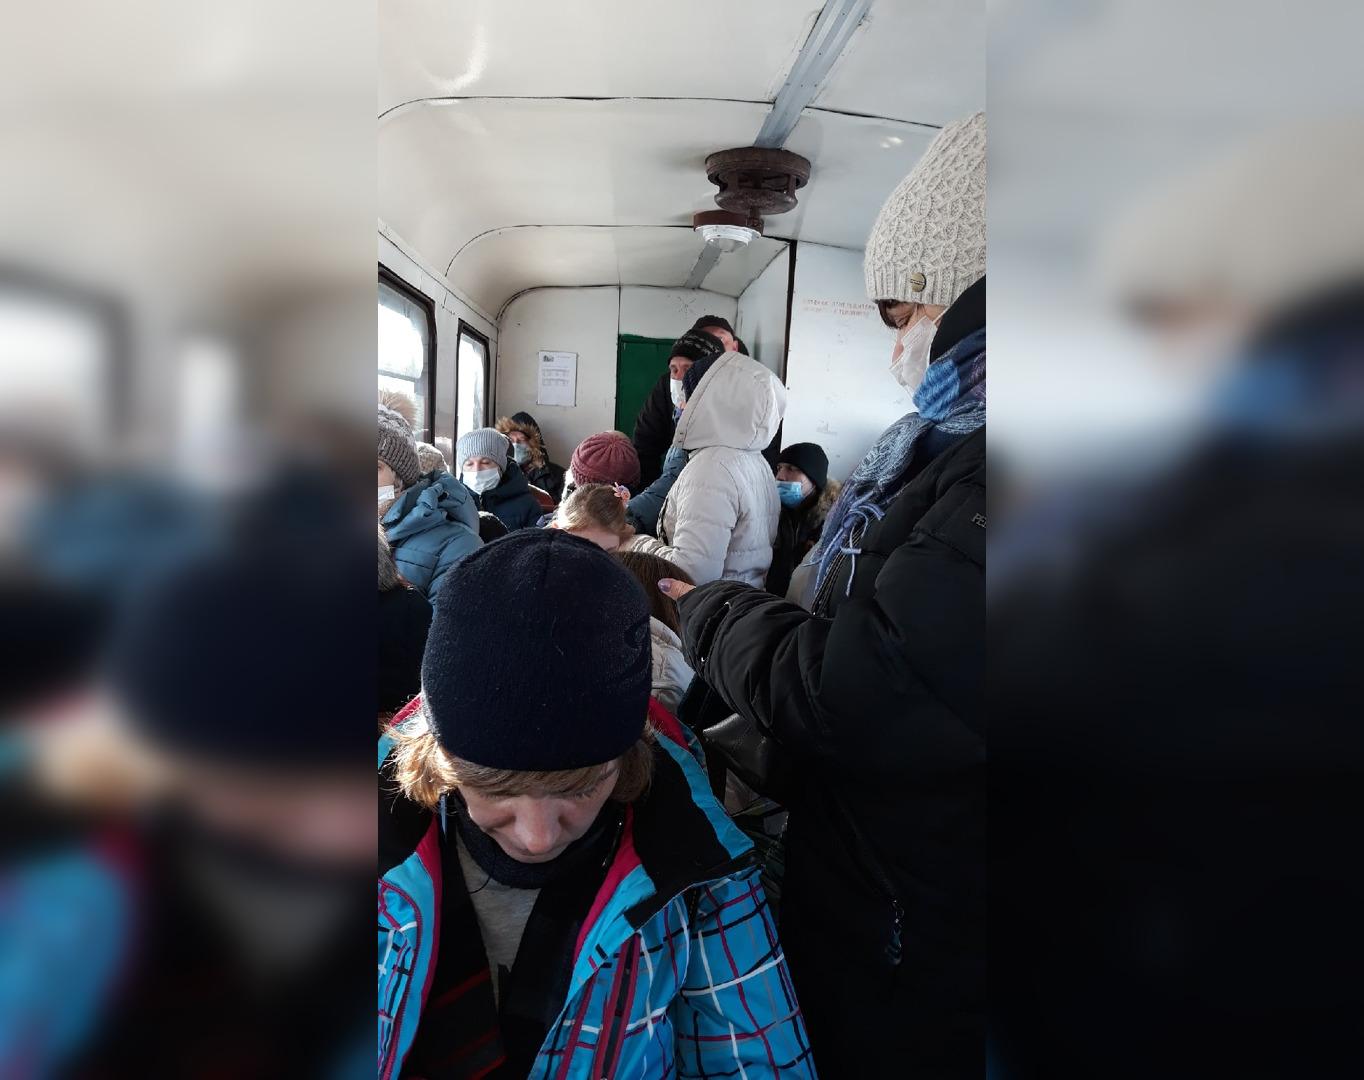 «Один вагон и битком»: жители Каринторфа о ситуации с поездом по УЖД